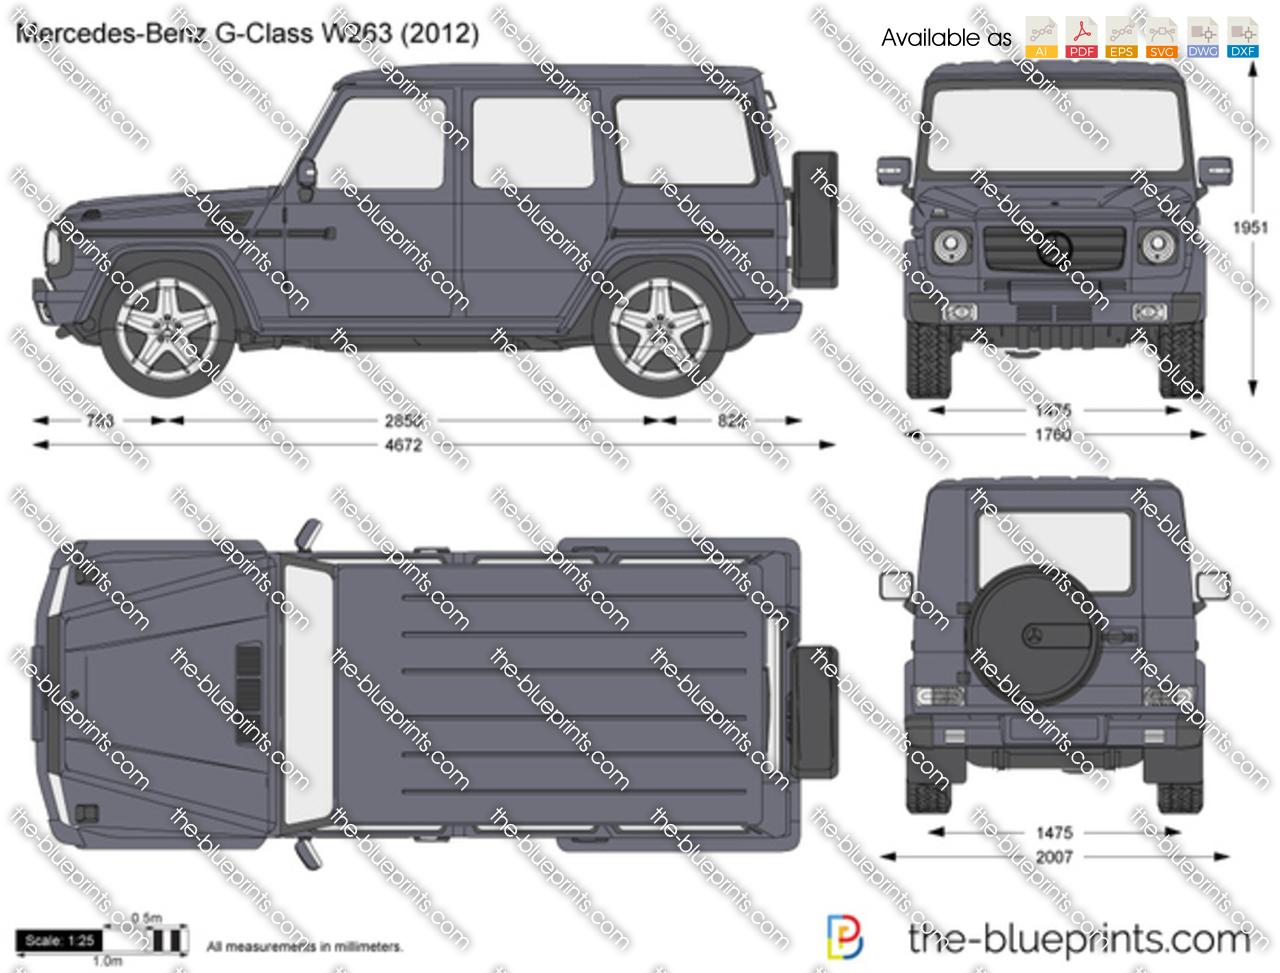 Mercedes-Benz G-Class W263 2016